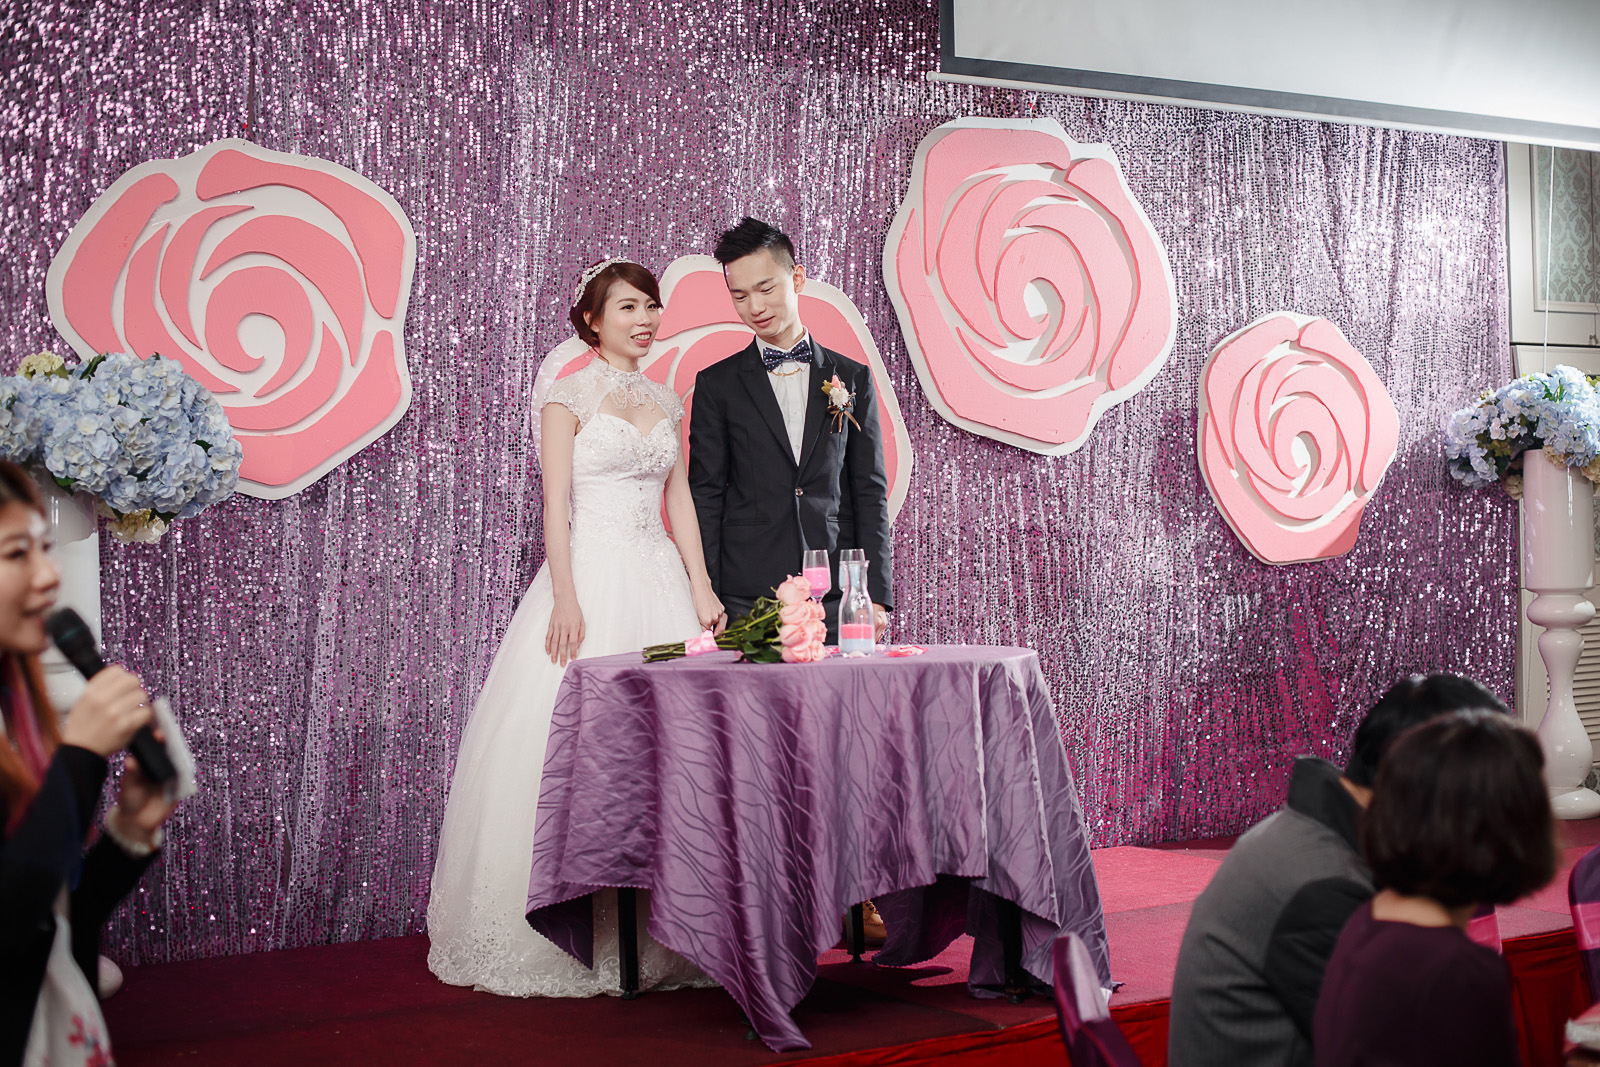 高雄圓山飯店,婚禮攝影,婚攝,高雄婚攝,優質婚攝推薦,Jen&Ethan-258